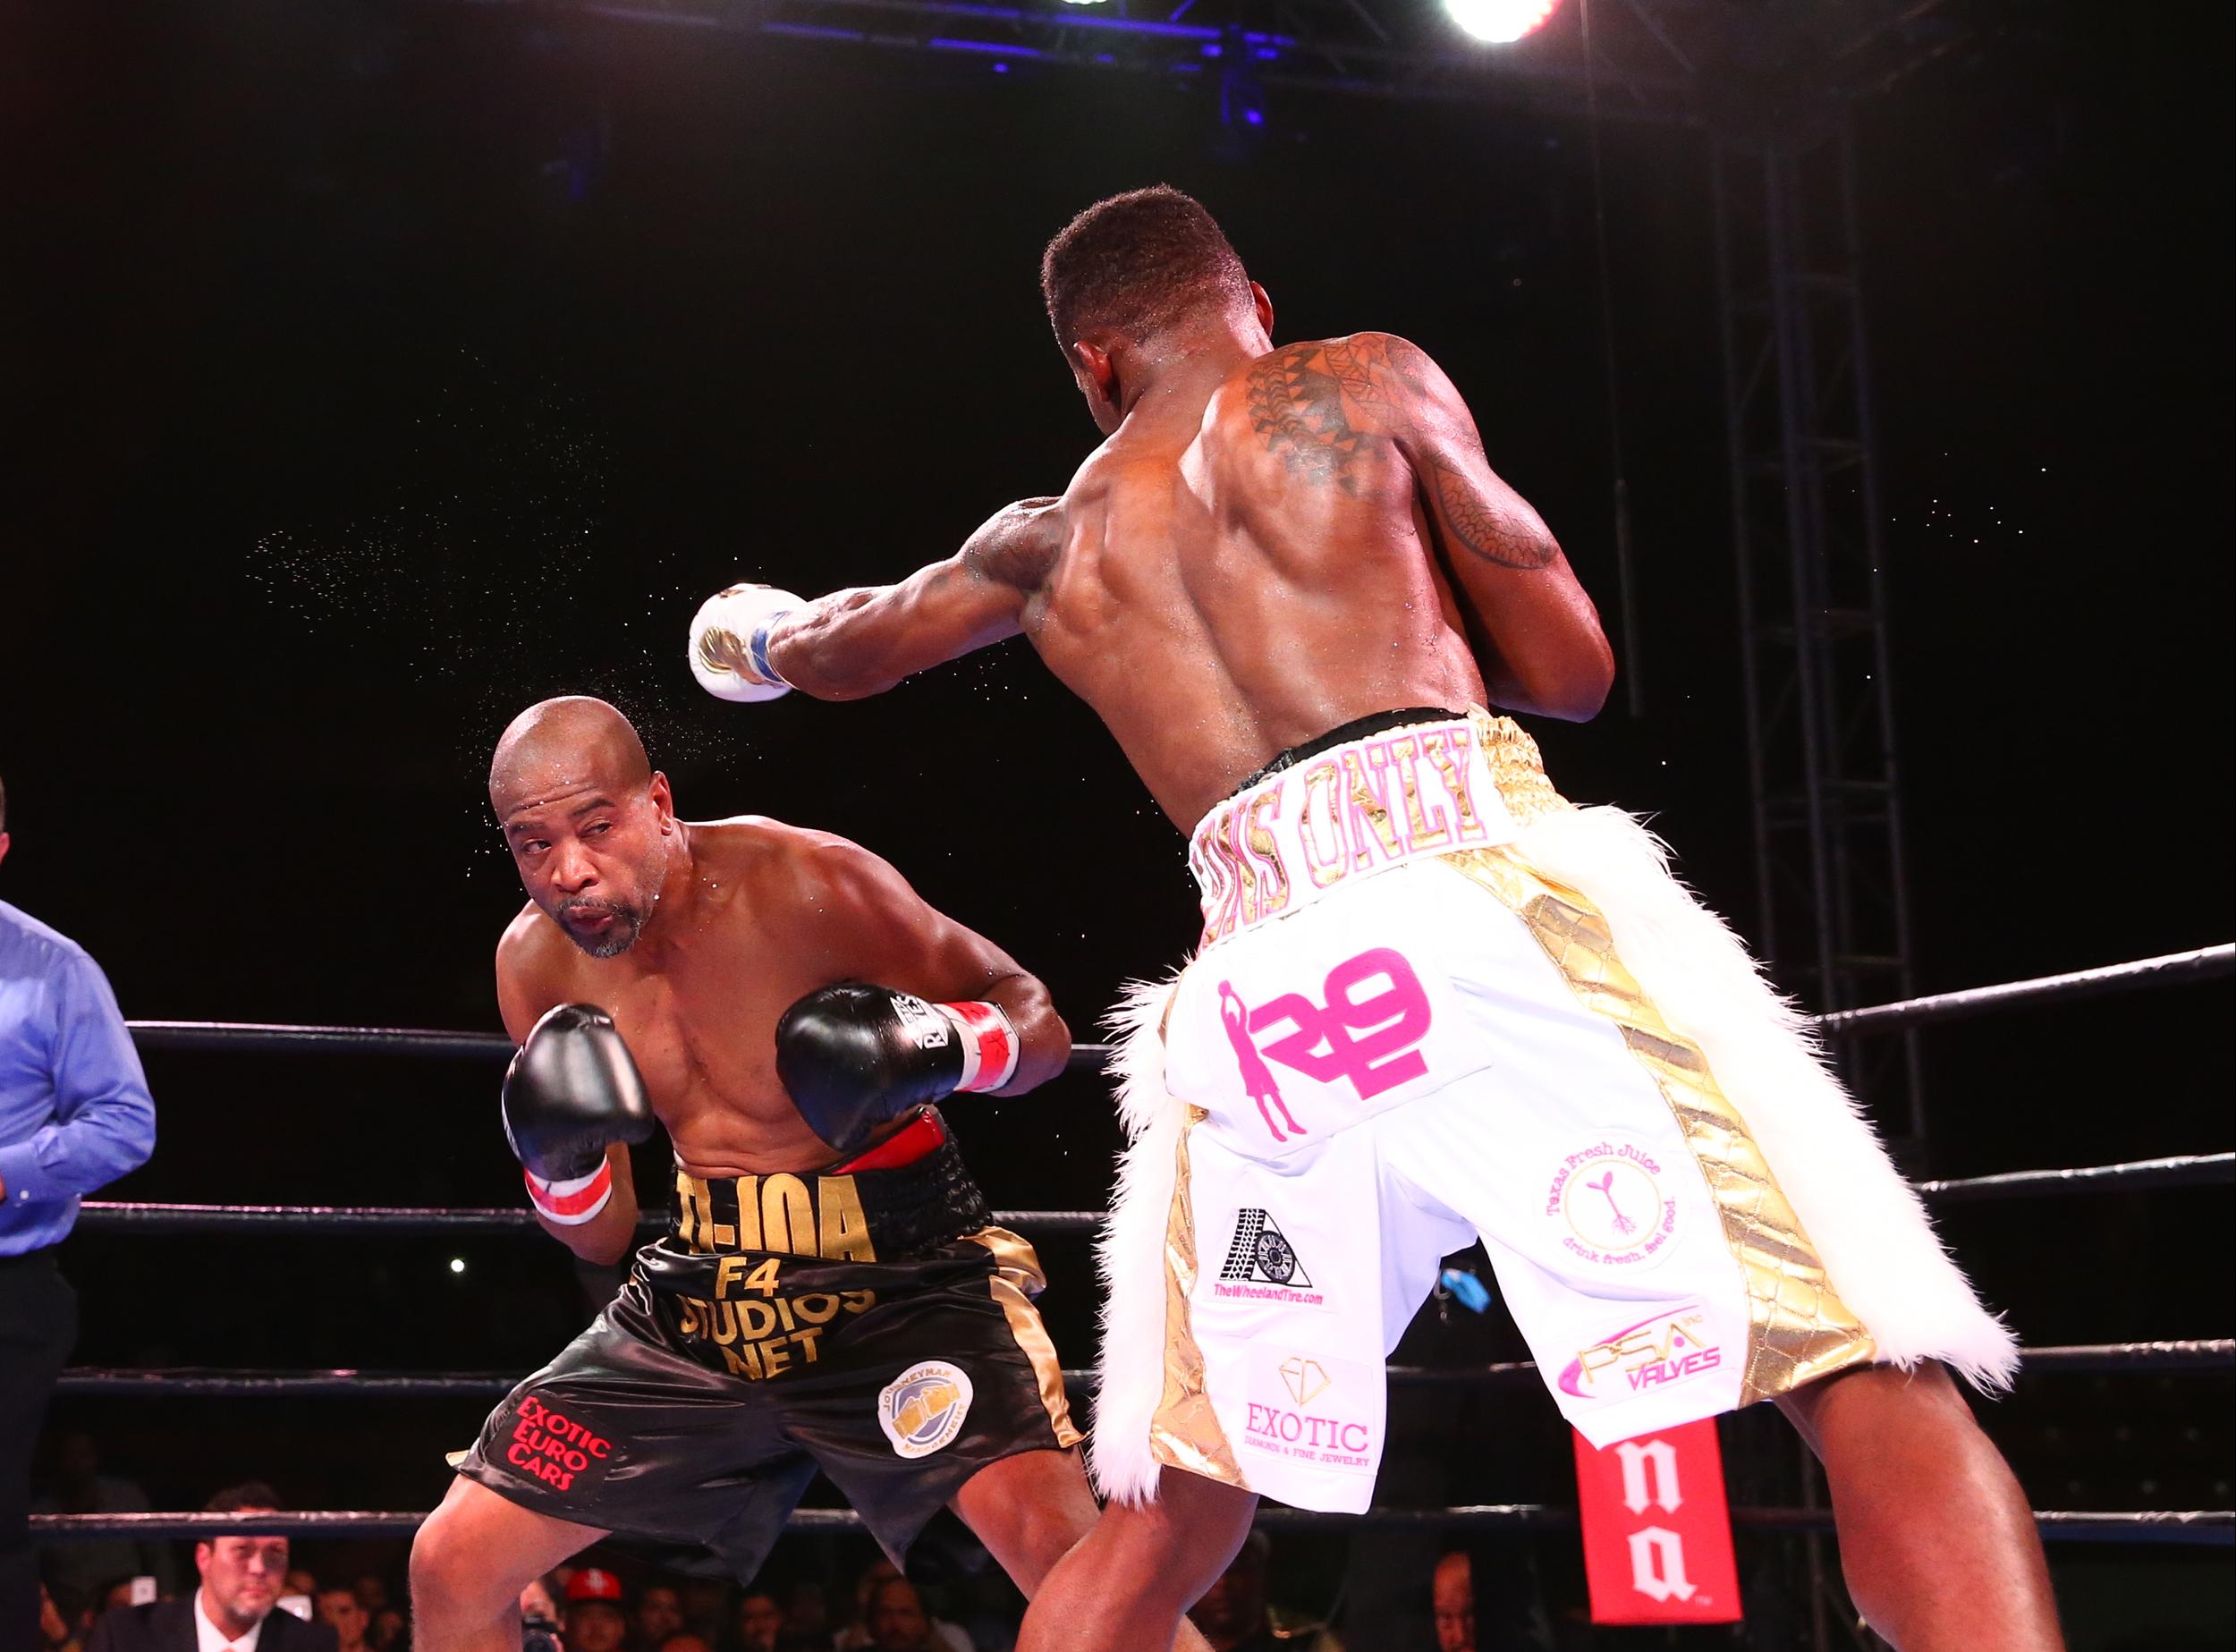 SASP- 20151031 - PBC Boxing - 2325 - 5224.JPG